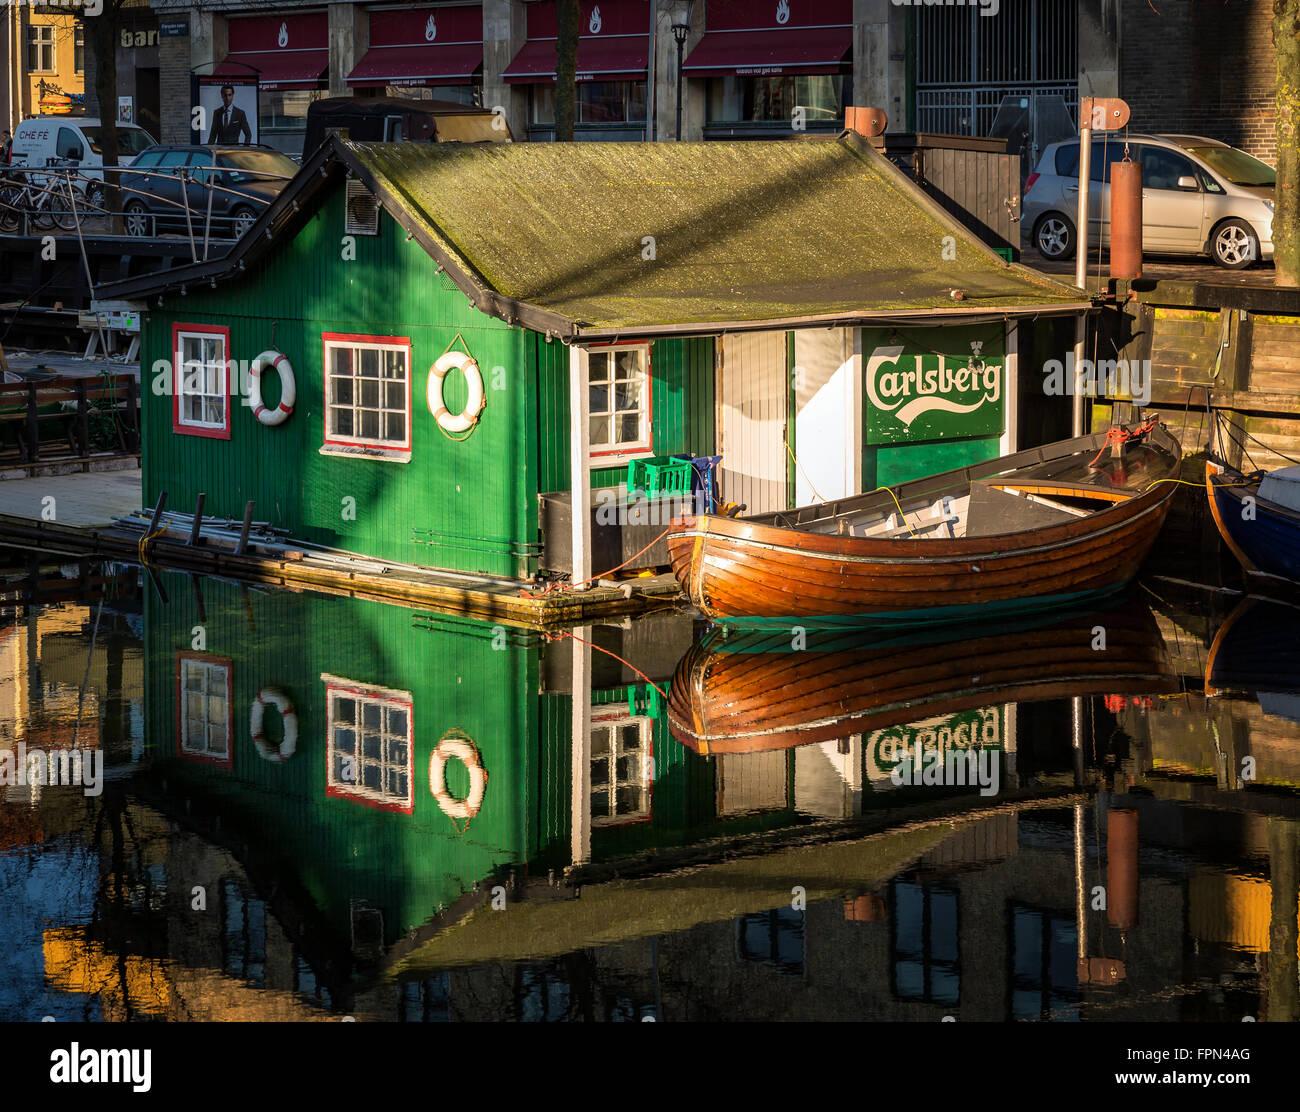 Floating café, Christianshavns canal, Copenhagen, Denmark - Stock Image